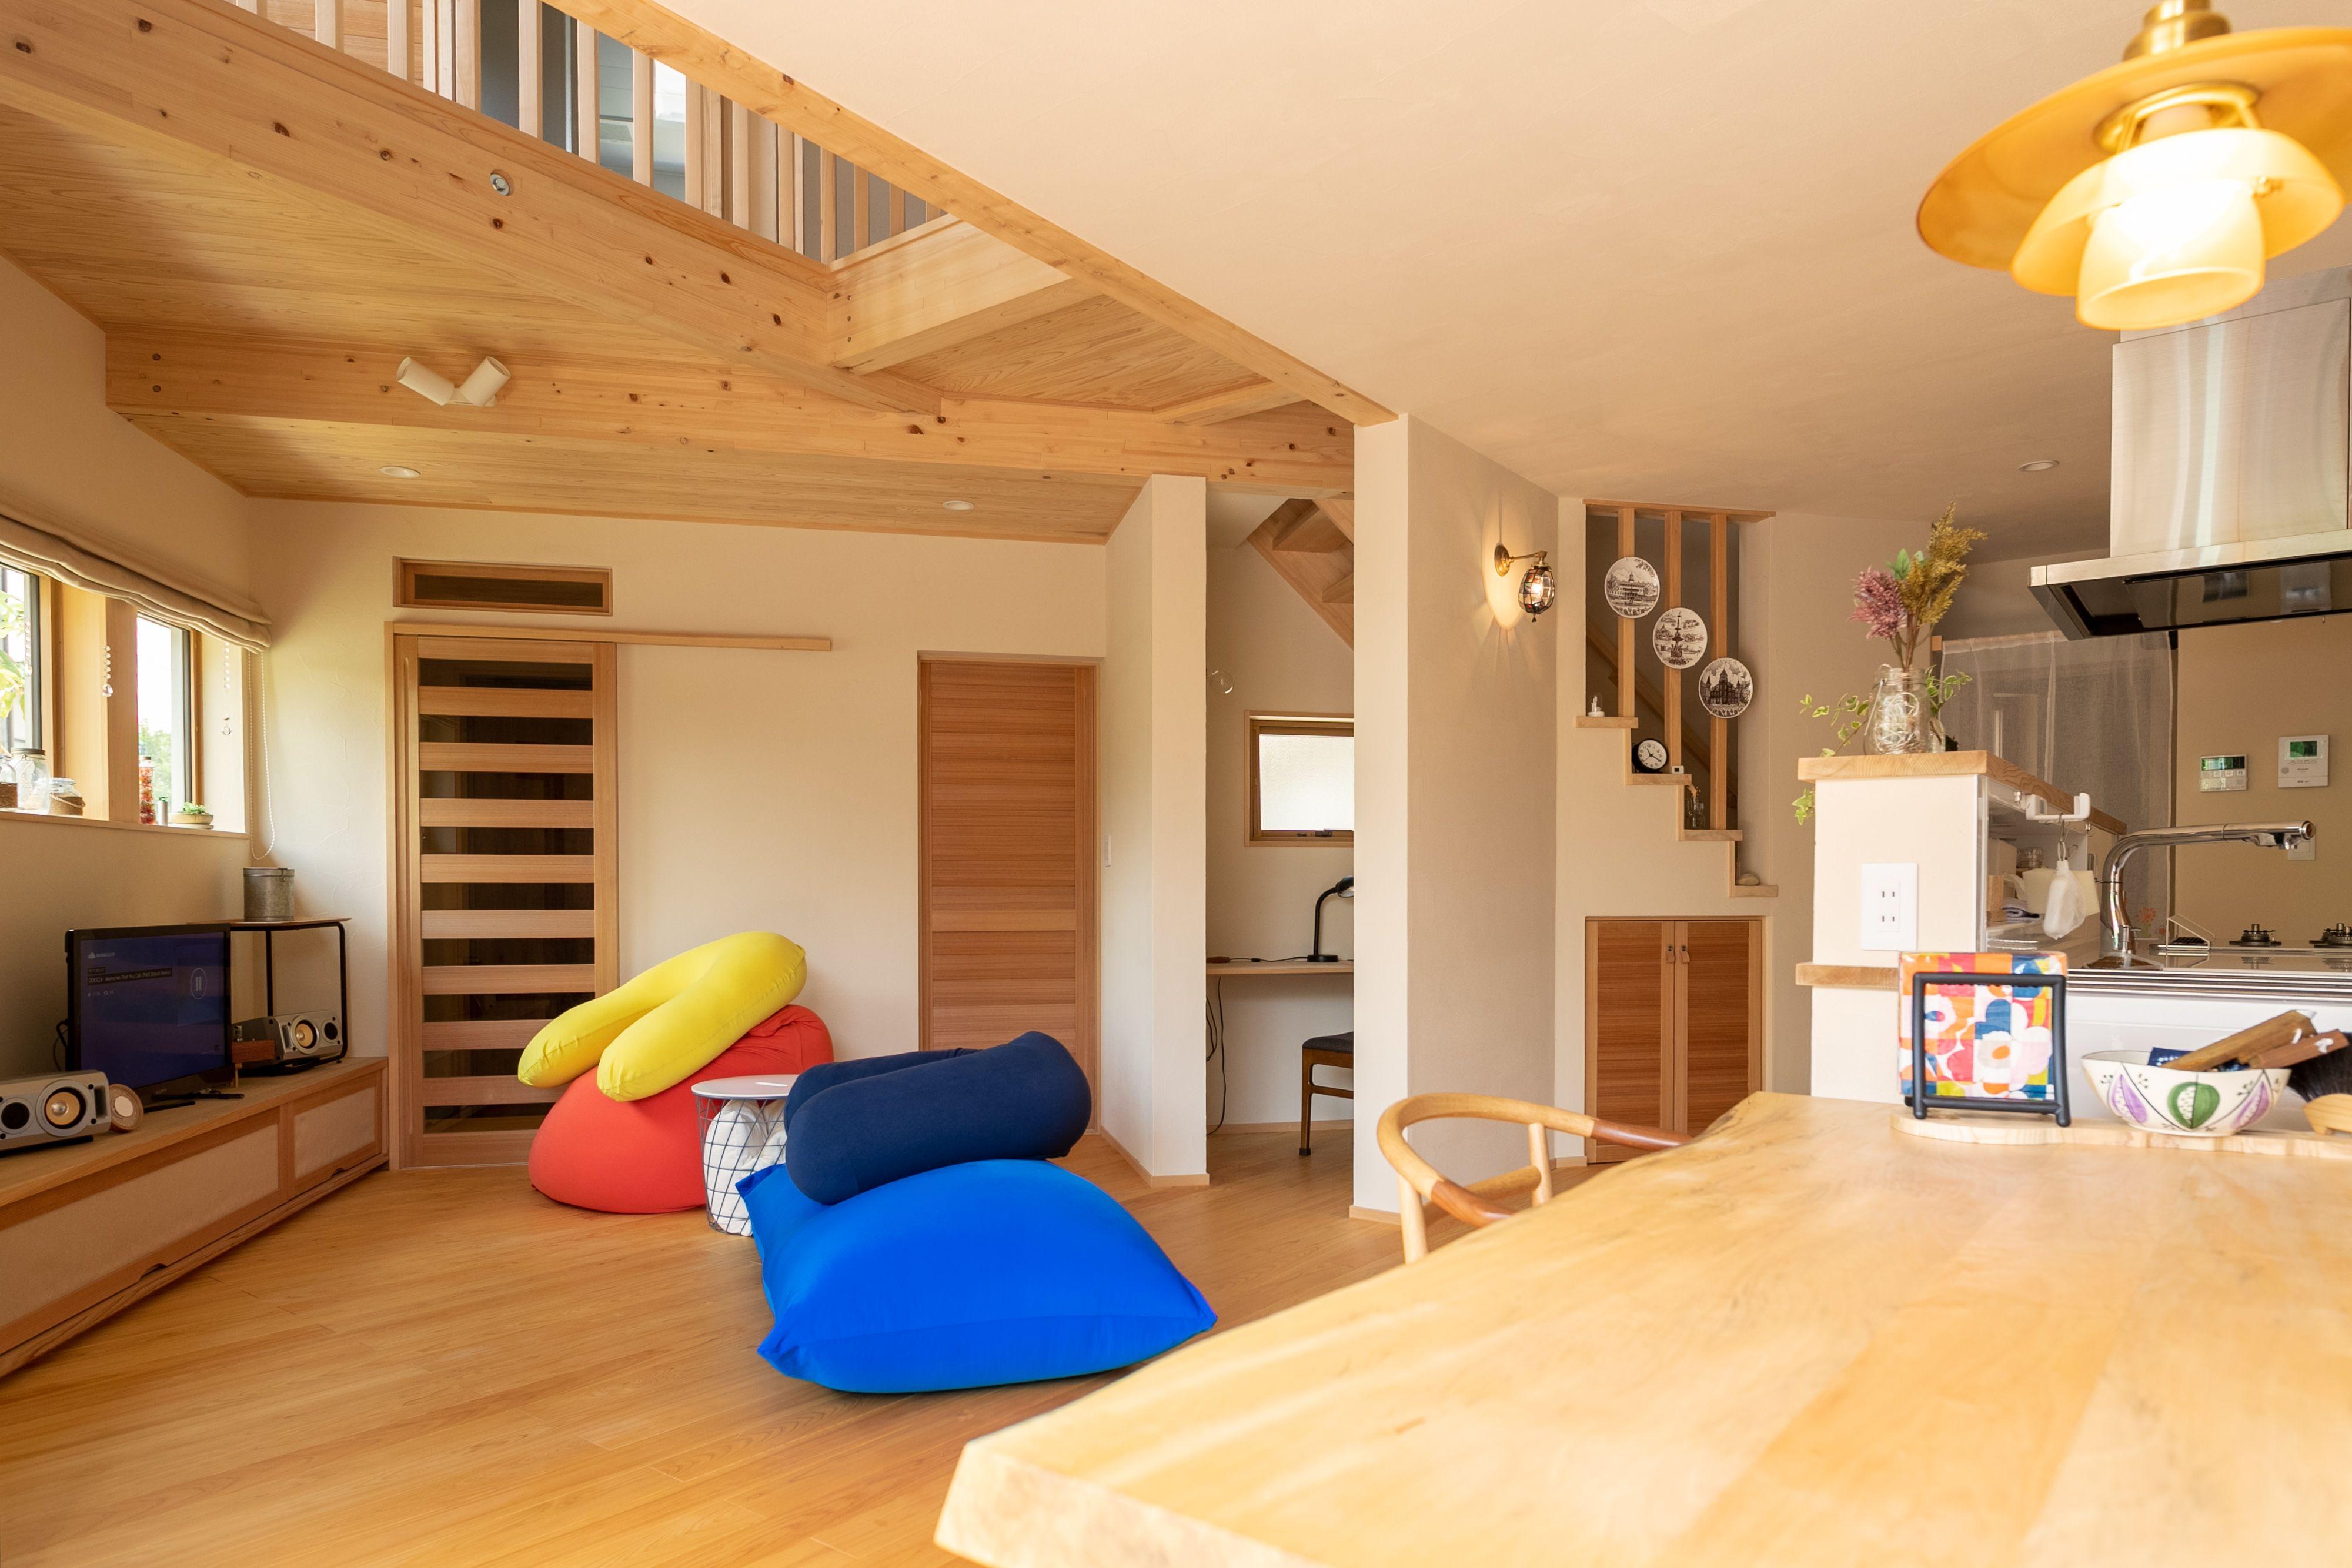 個性あふれる 変形地を活かした斜め角地の家 階段下に書斎のあるリビング ヨギボー 家 自宅で ヨギボー